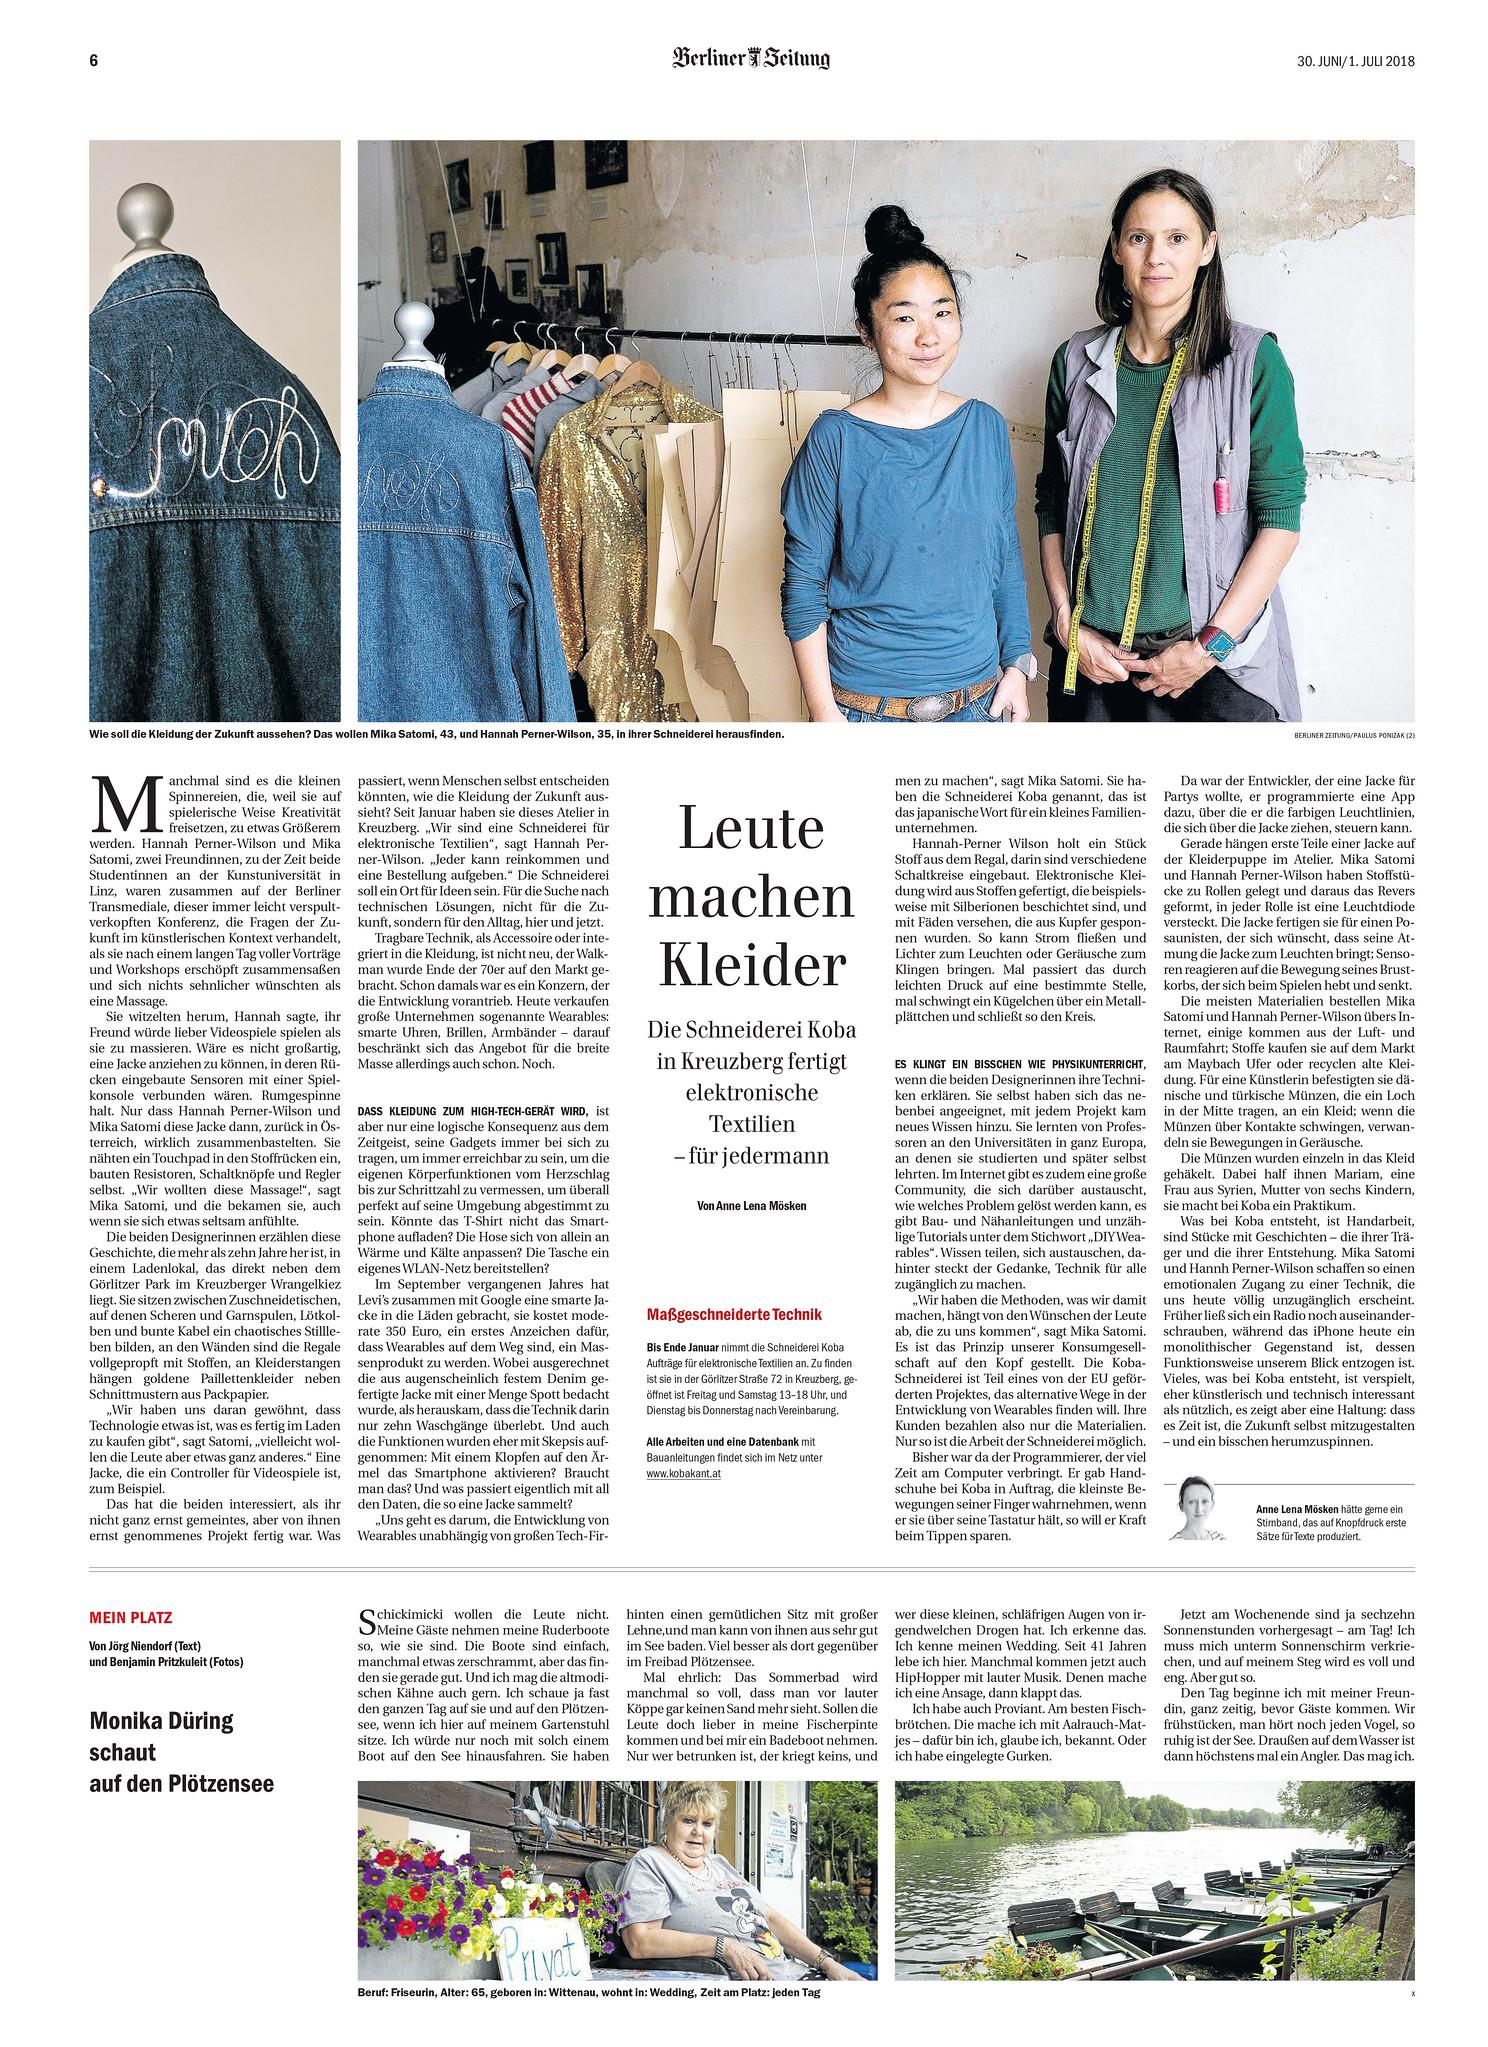 Berliner Zeitung: Leute machen Kleider